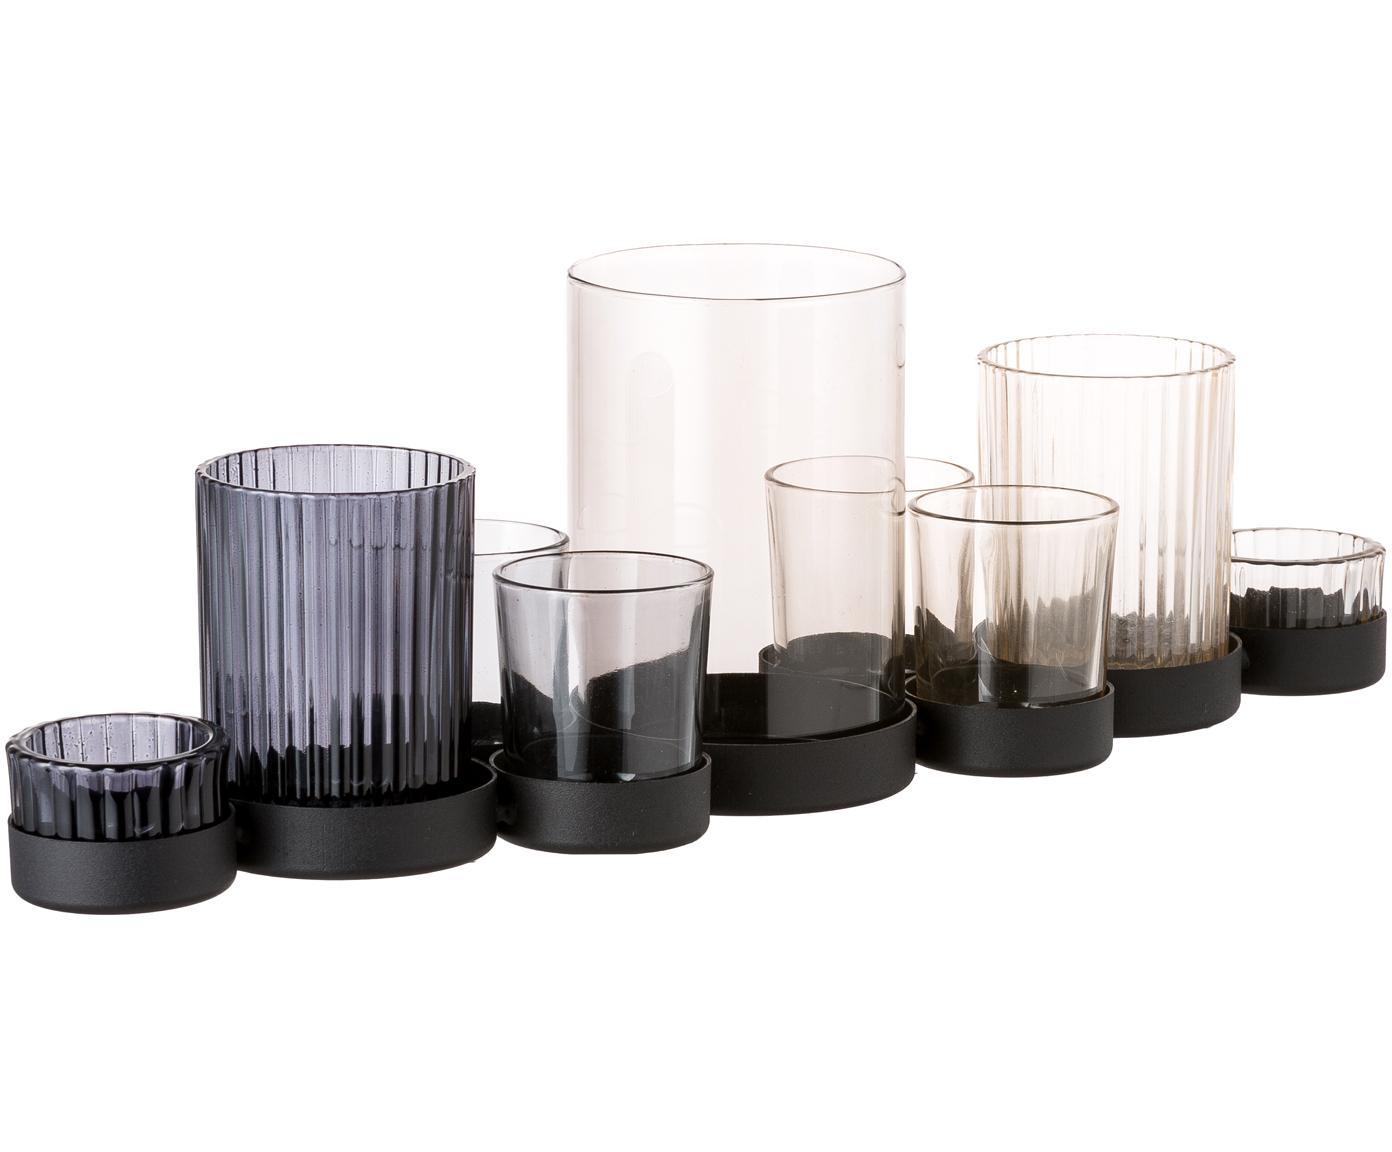 Teelichthalter-Set Gina, 9-tlg., Unterteil: Metall, Mehrfarbig, transparent, 45 x 14 cm